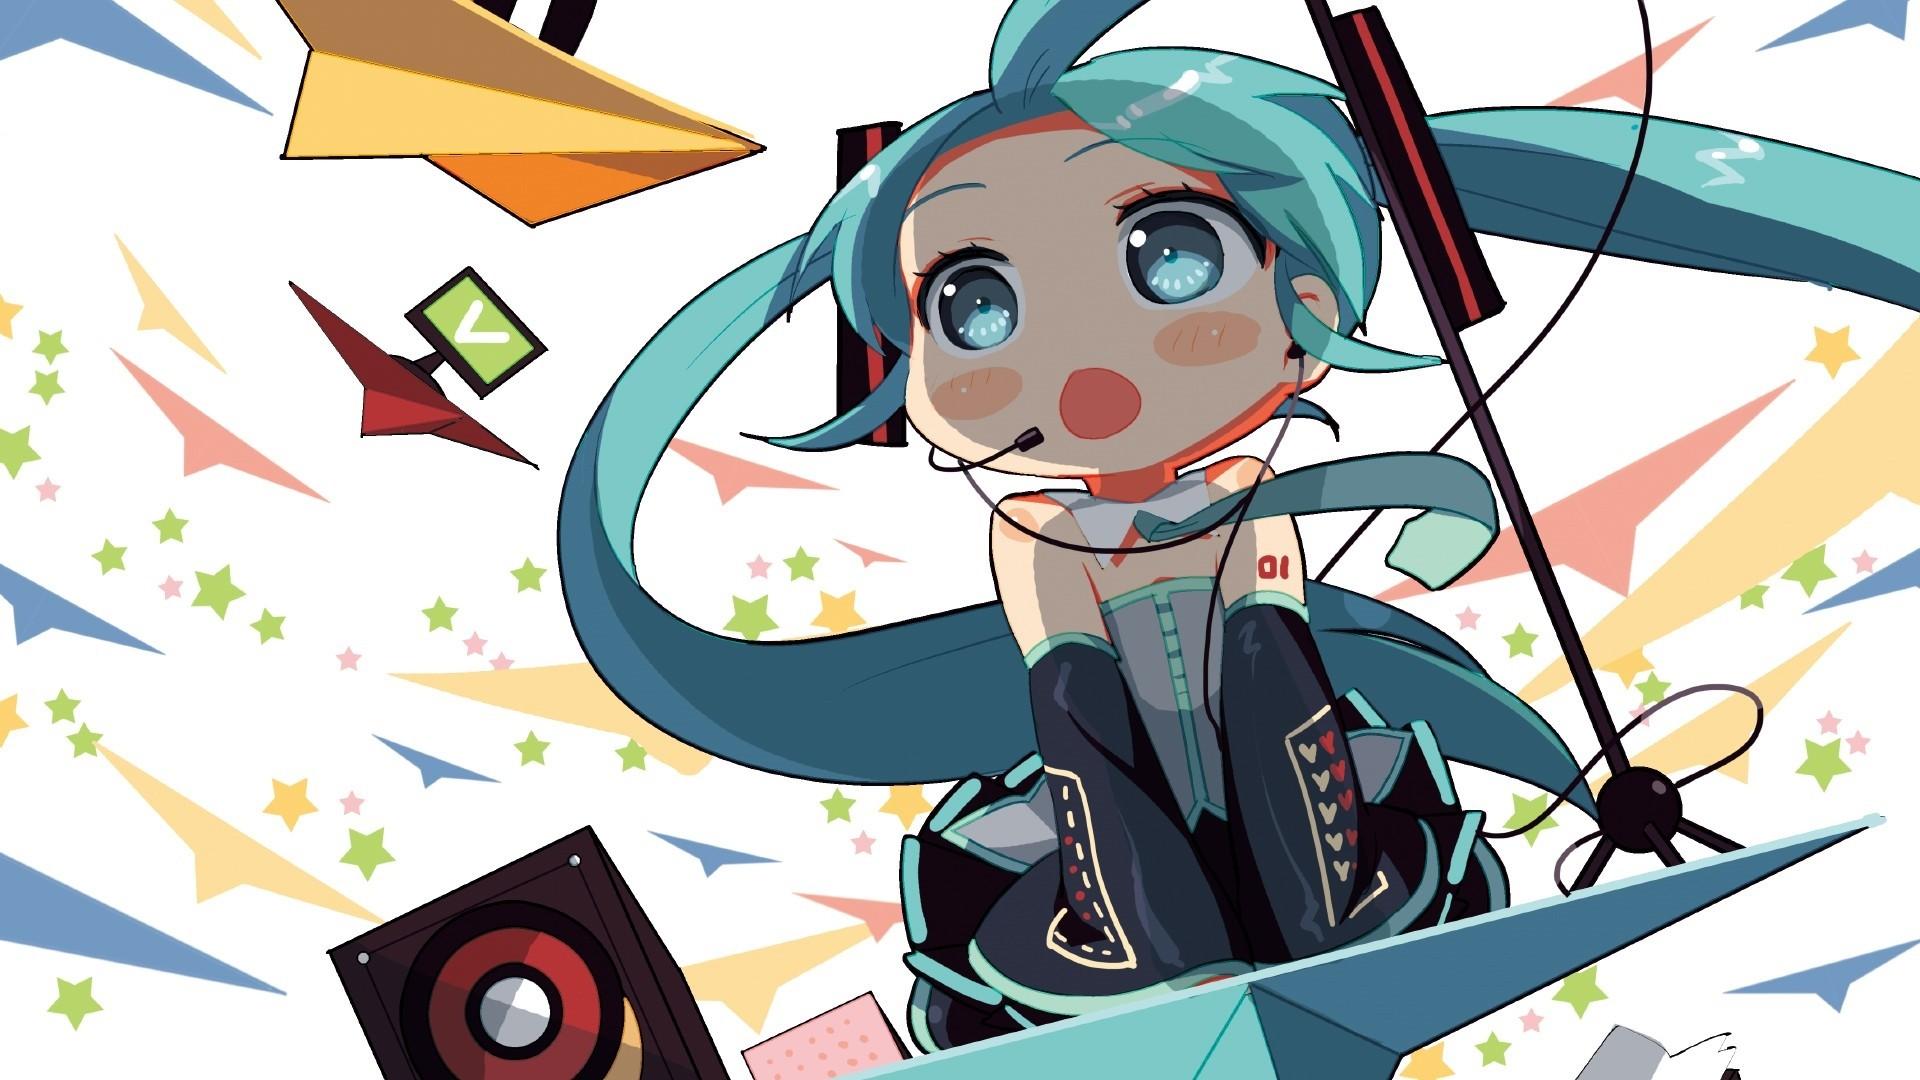 Chibi Anime Girl PC Wallpaper